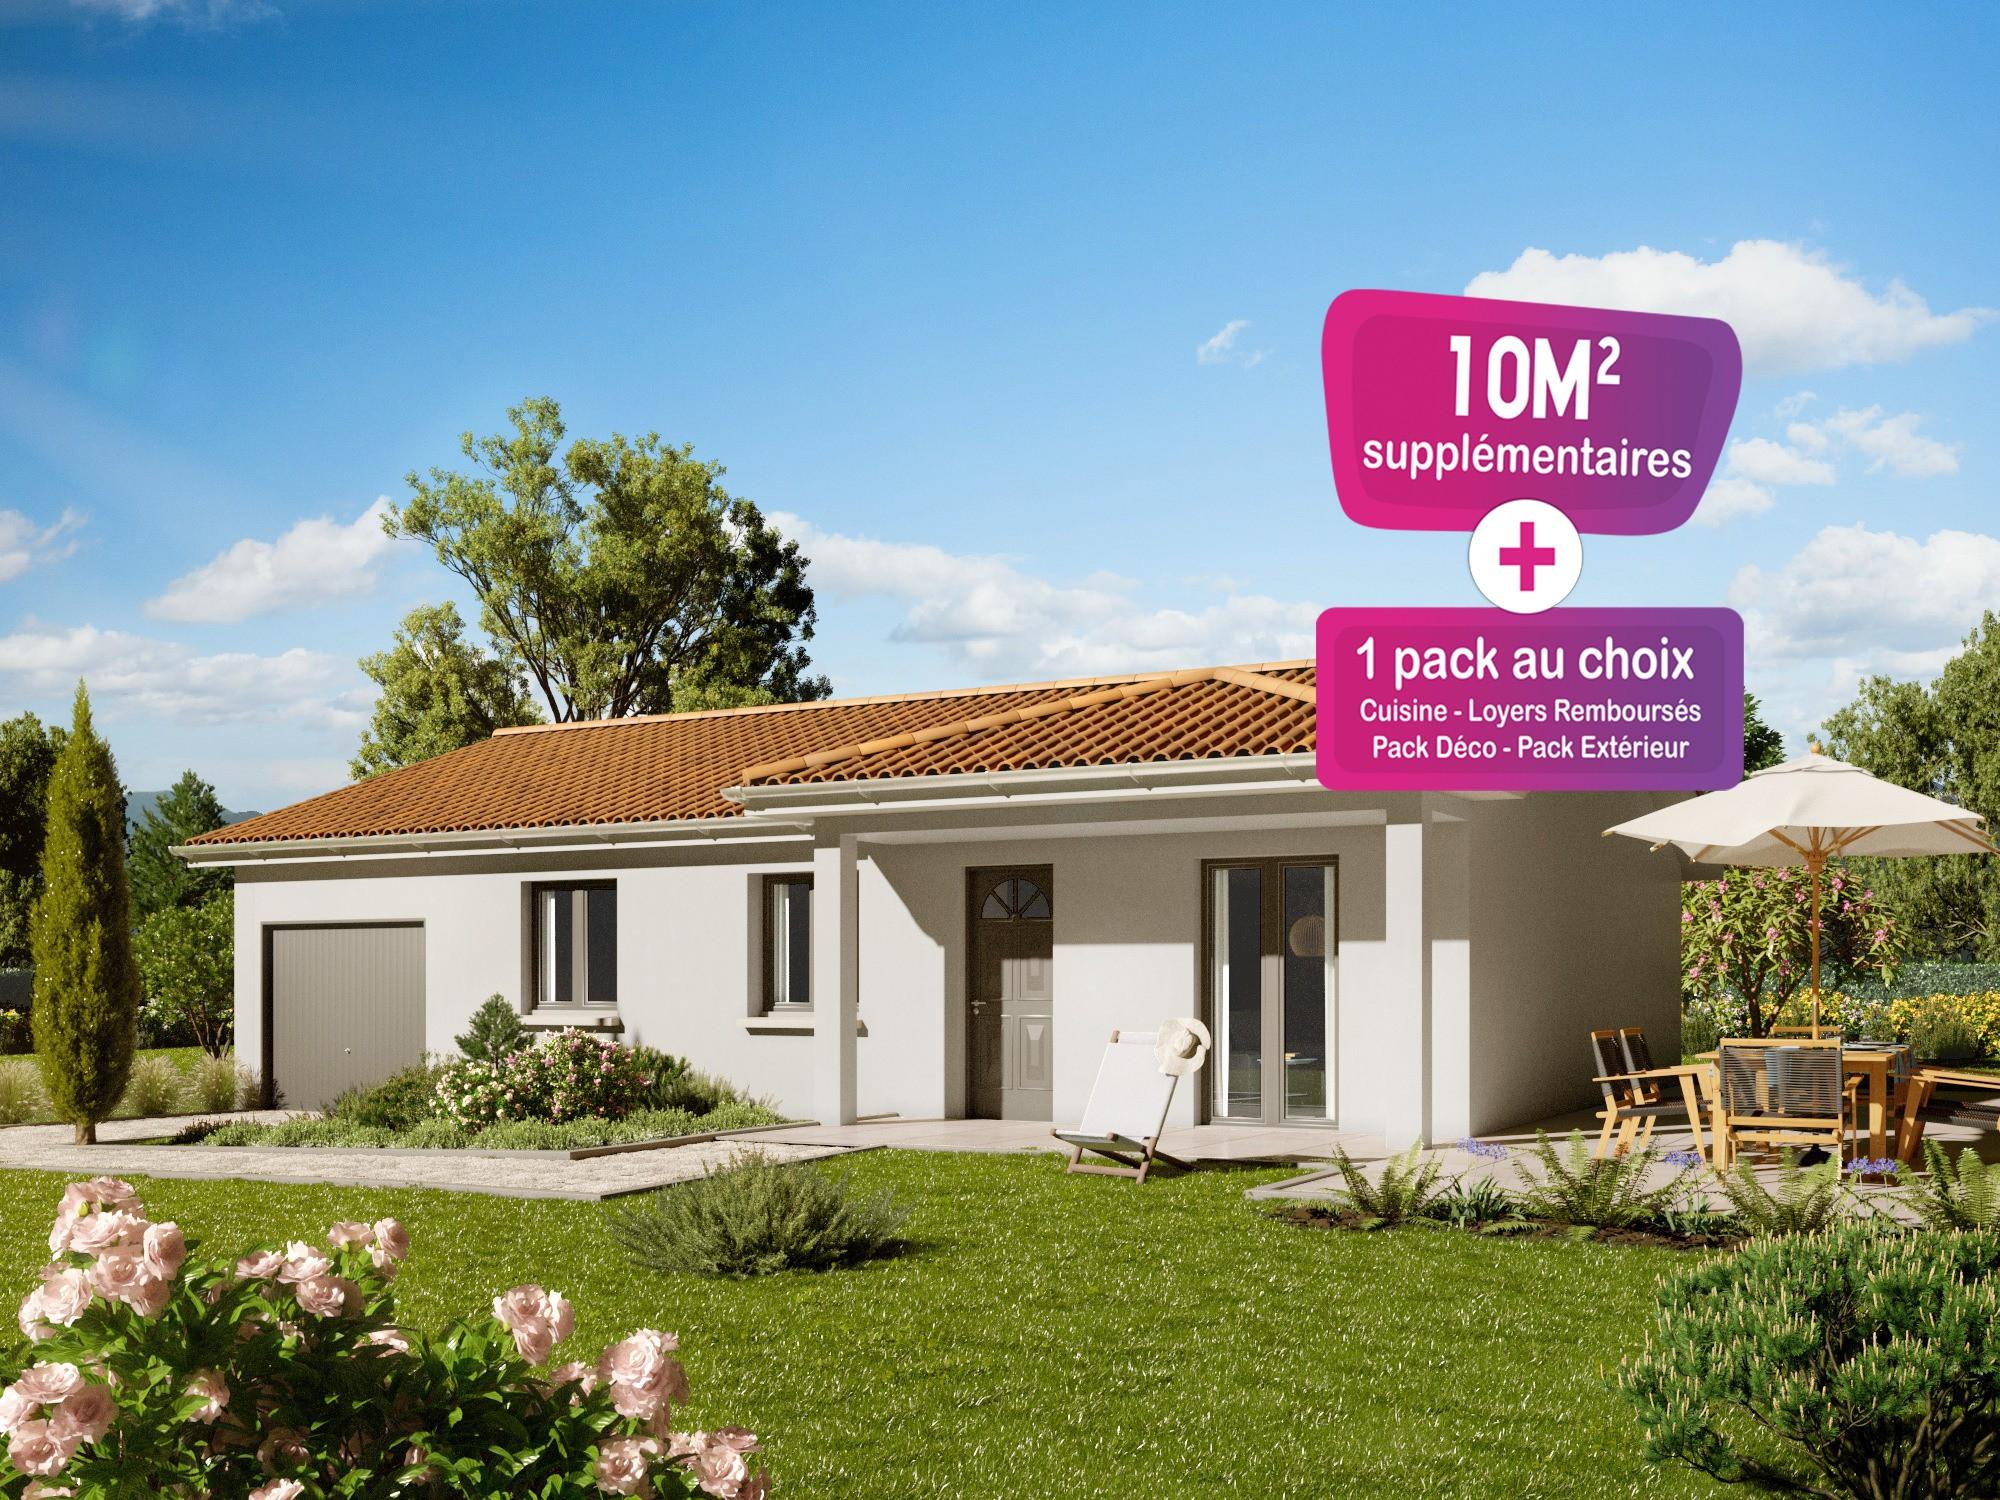 Maisons + Terrains du constructeur MAISONS PUNCH • 80 m² • SANCE